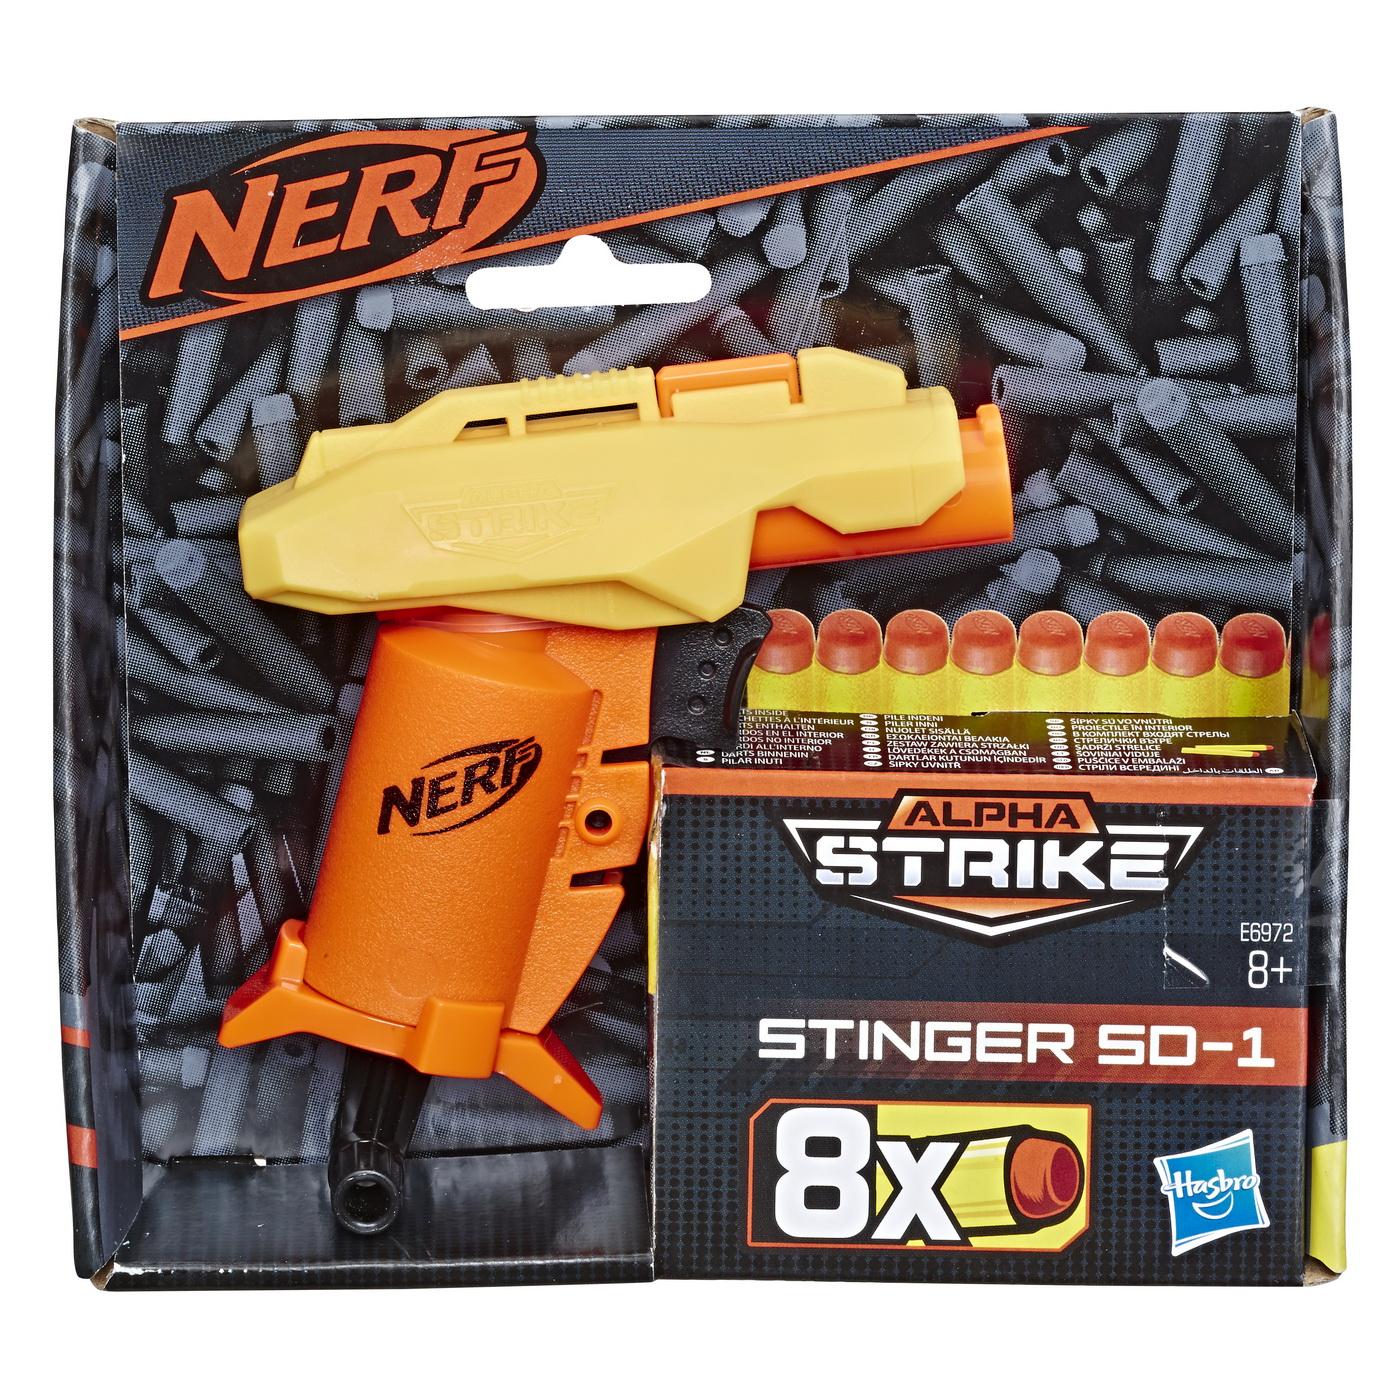 Nerf Blaster Alpha Strike Stinger Sd 1